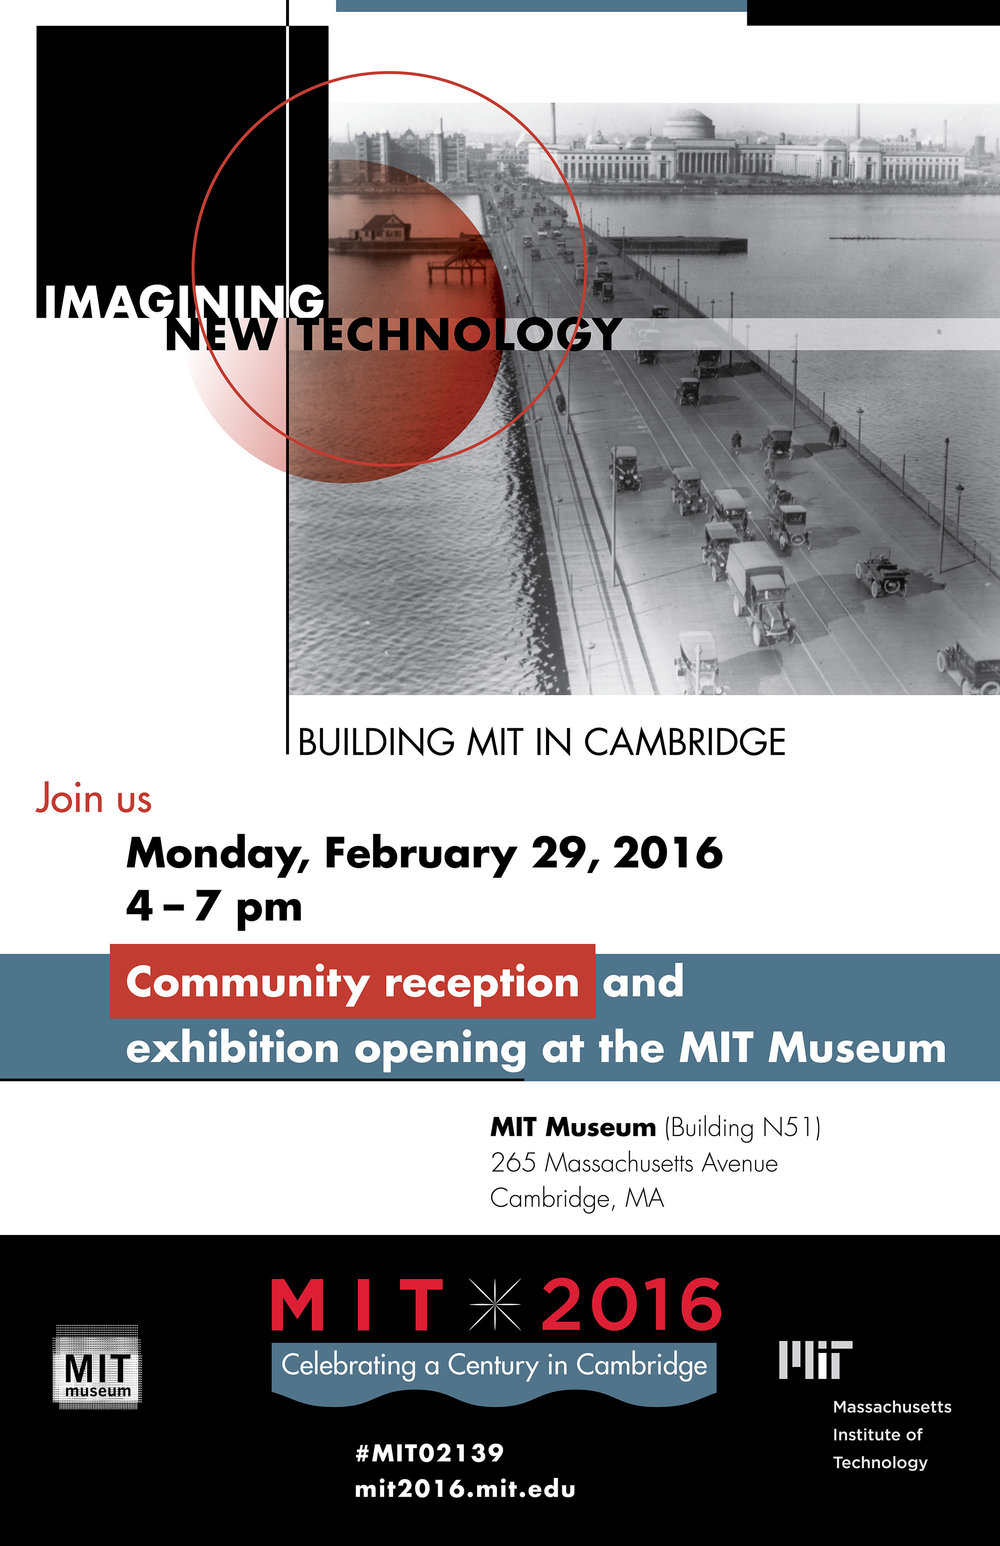 MIT 2016 exhibit reception poster